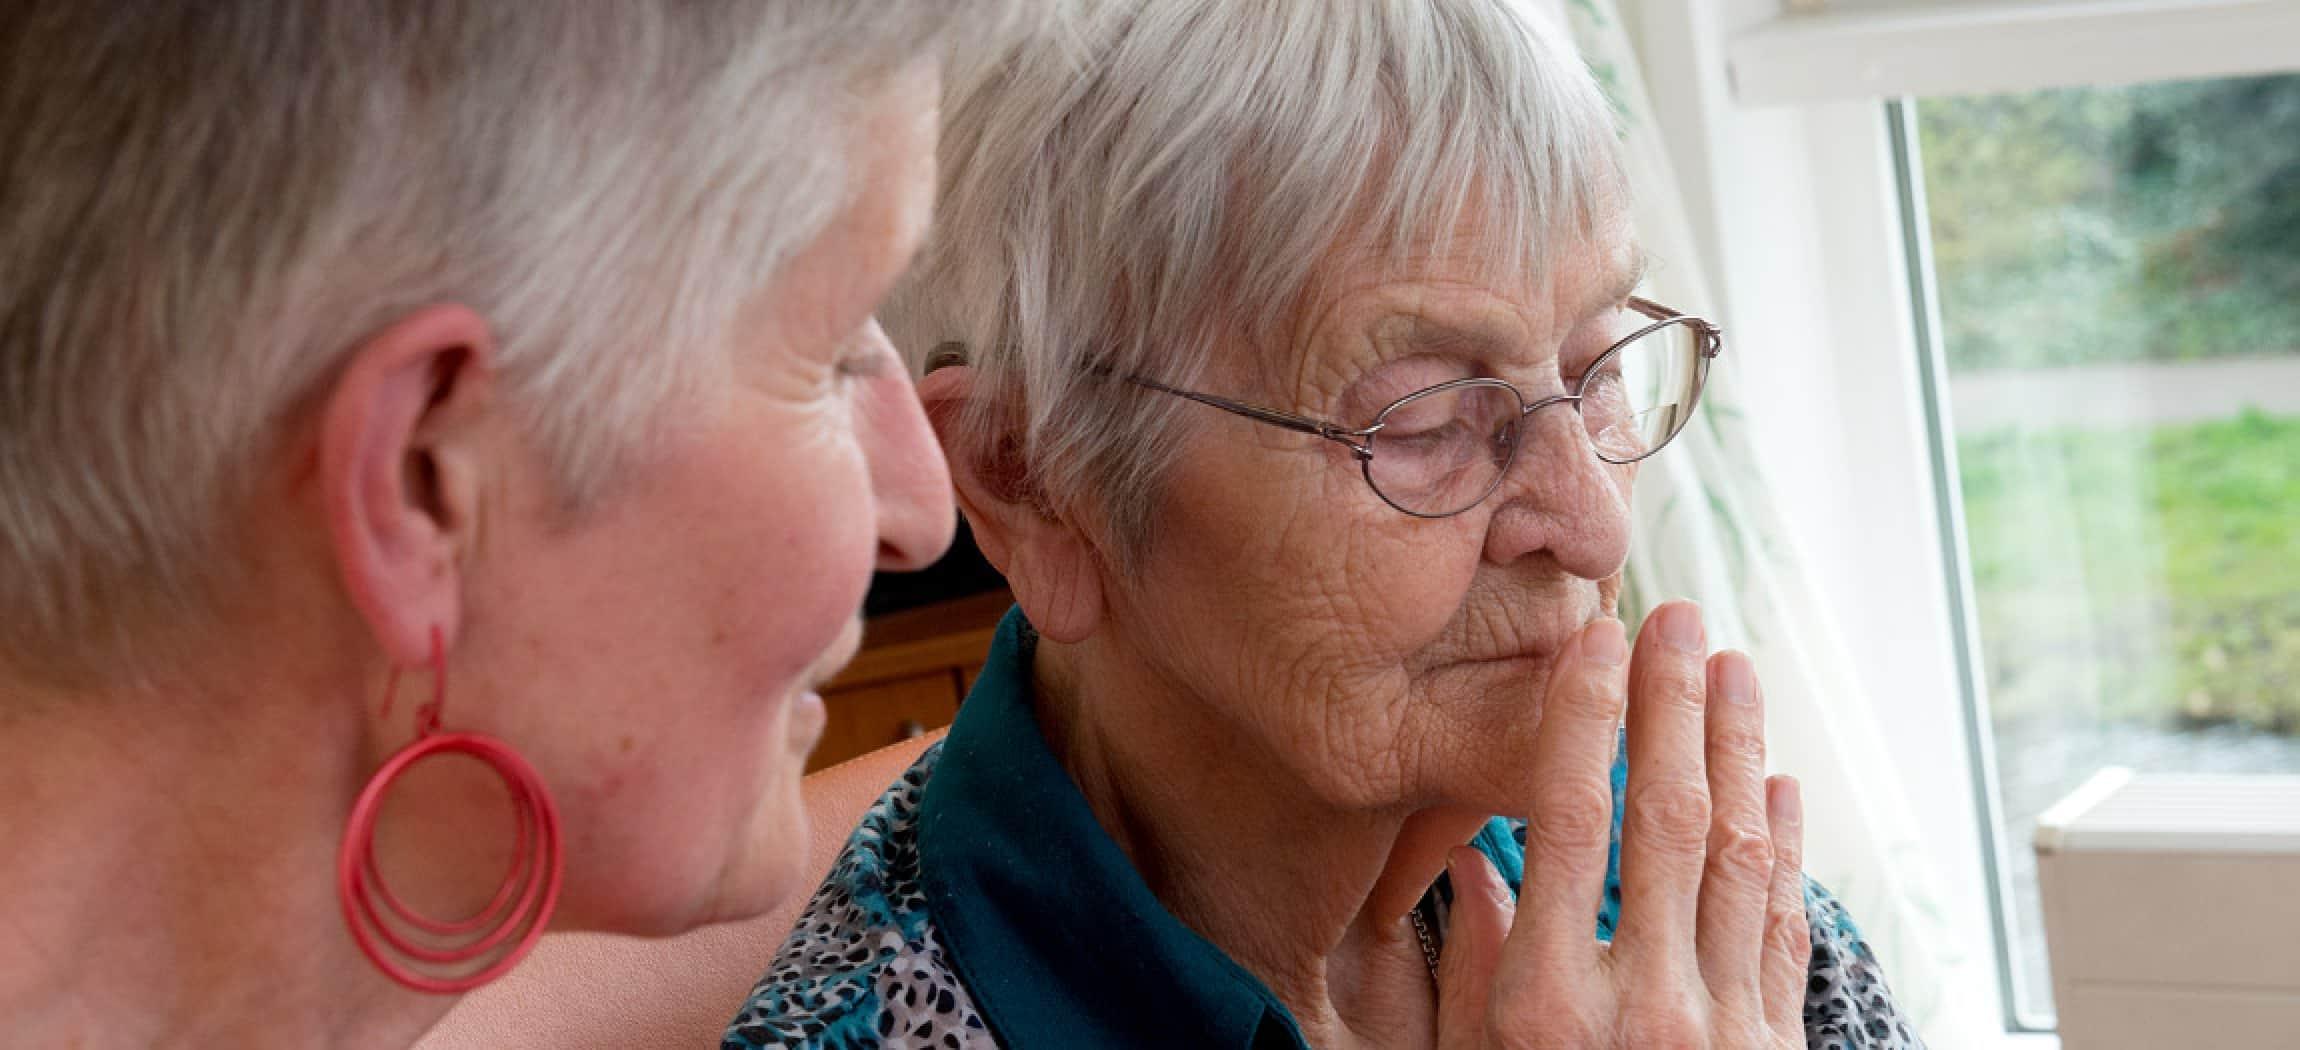 Troostende woorden voor verdrietige oudere vrouw